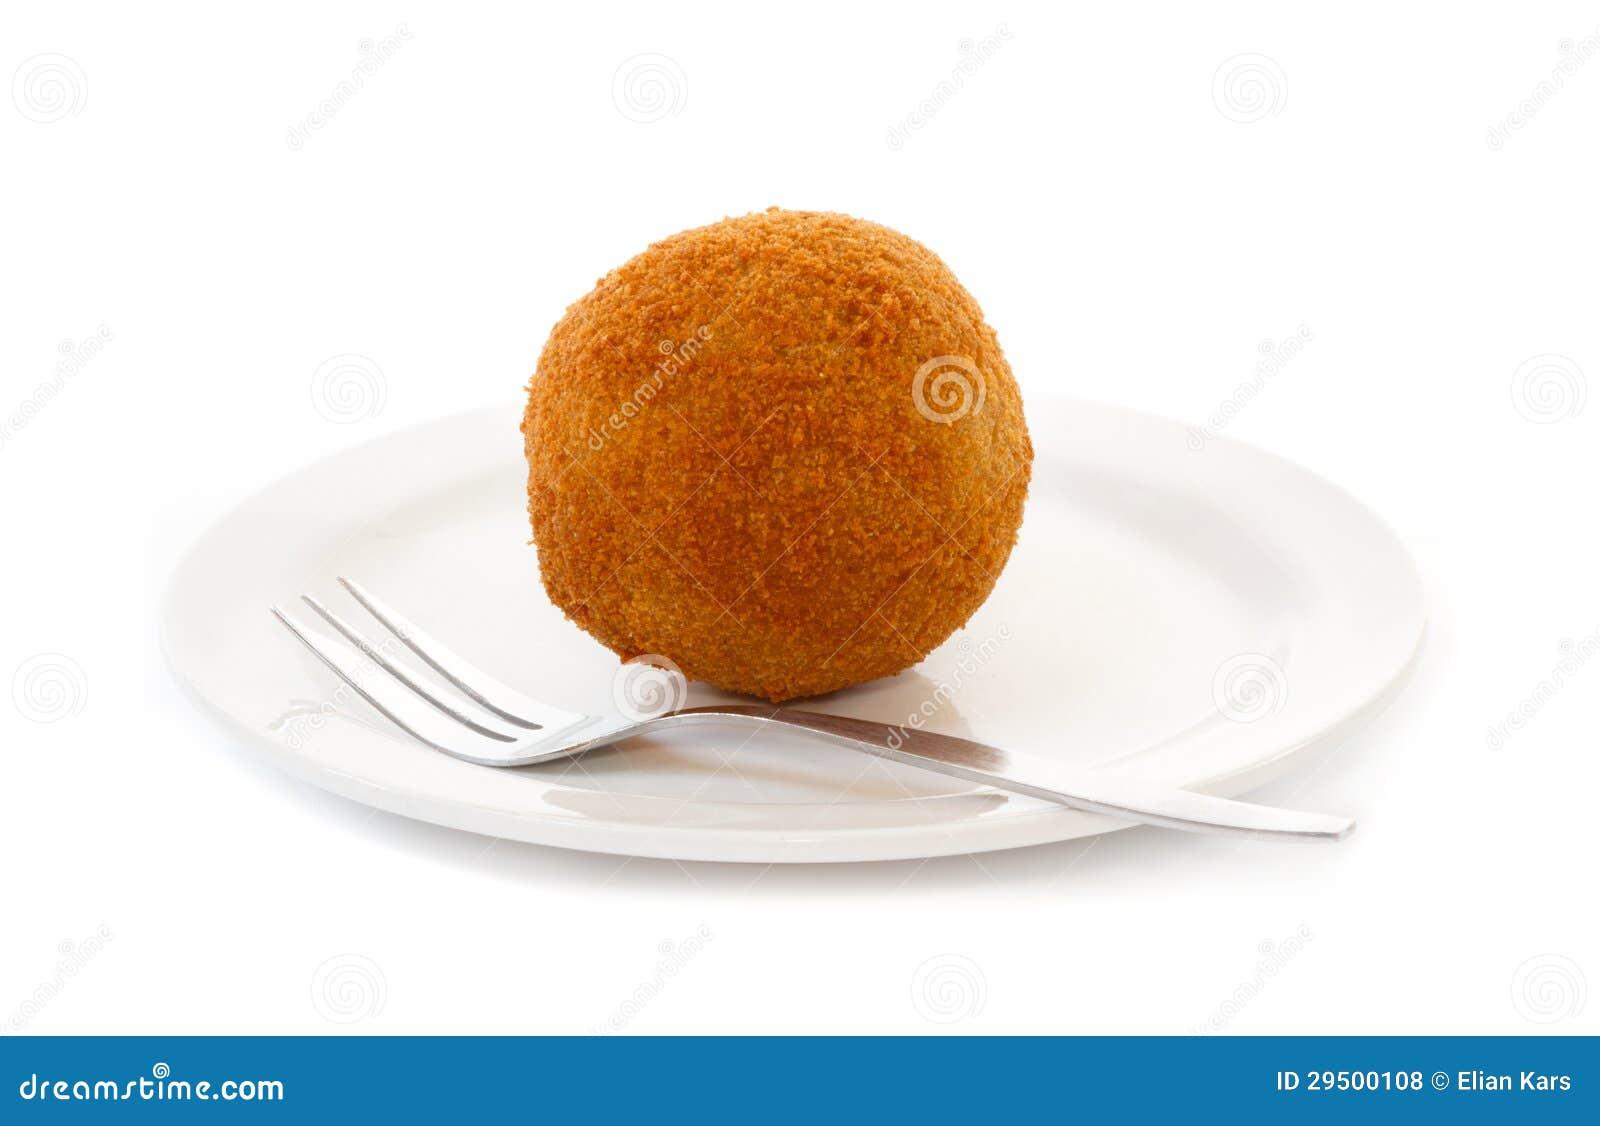 De bal van het ei (Eierbal) die op schotel wordt gediend